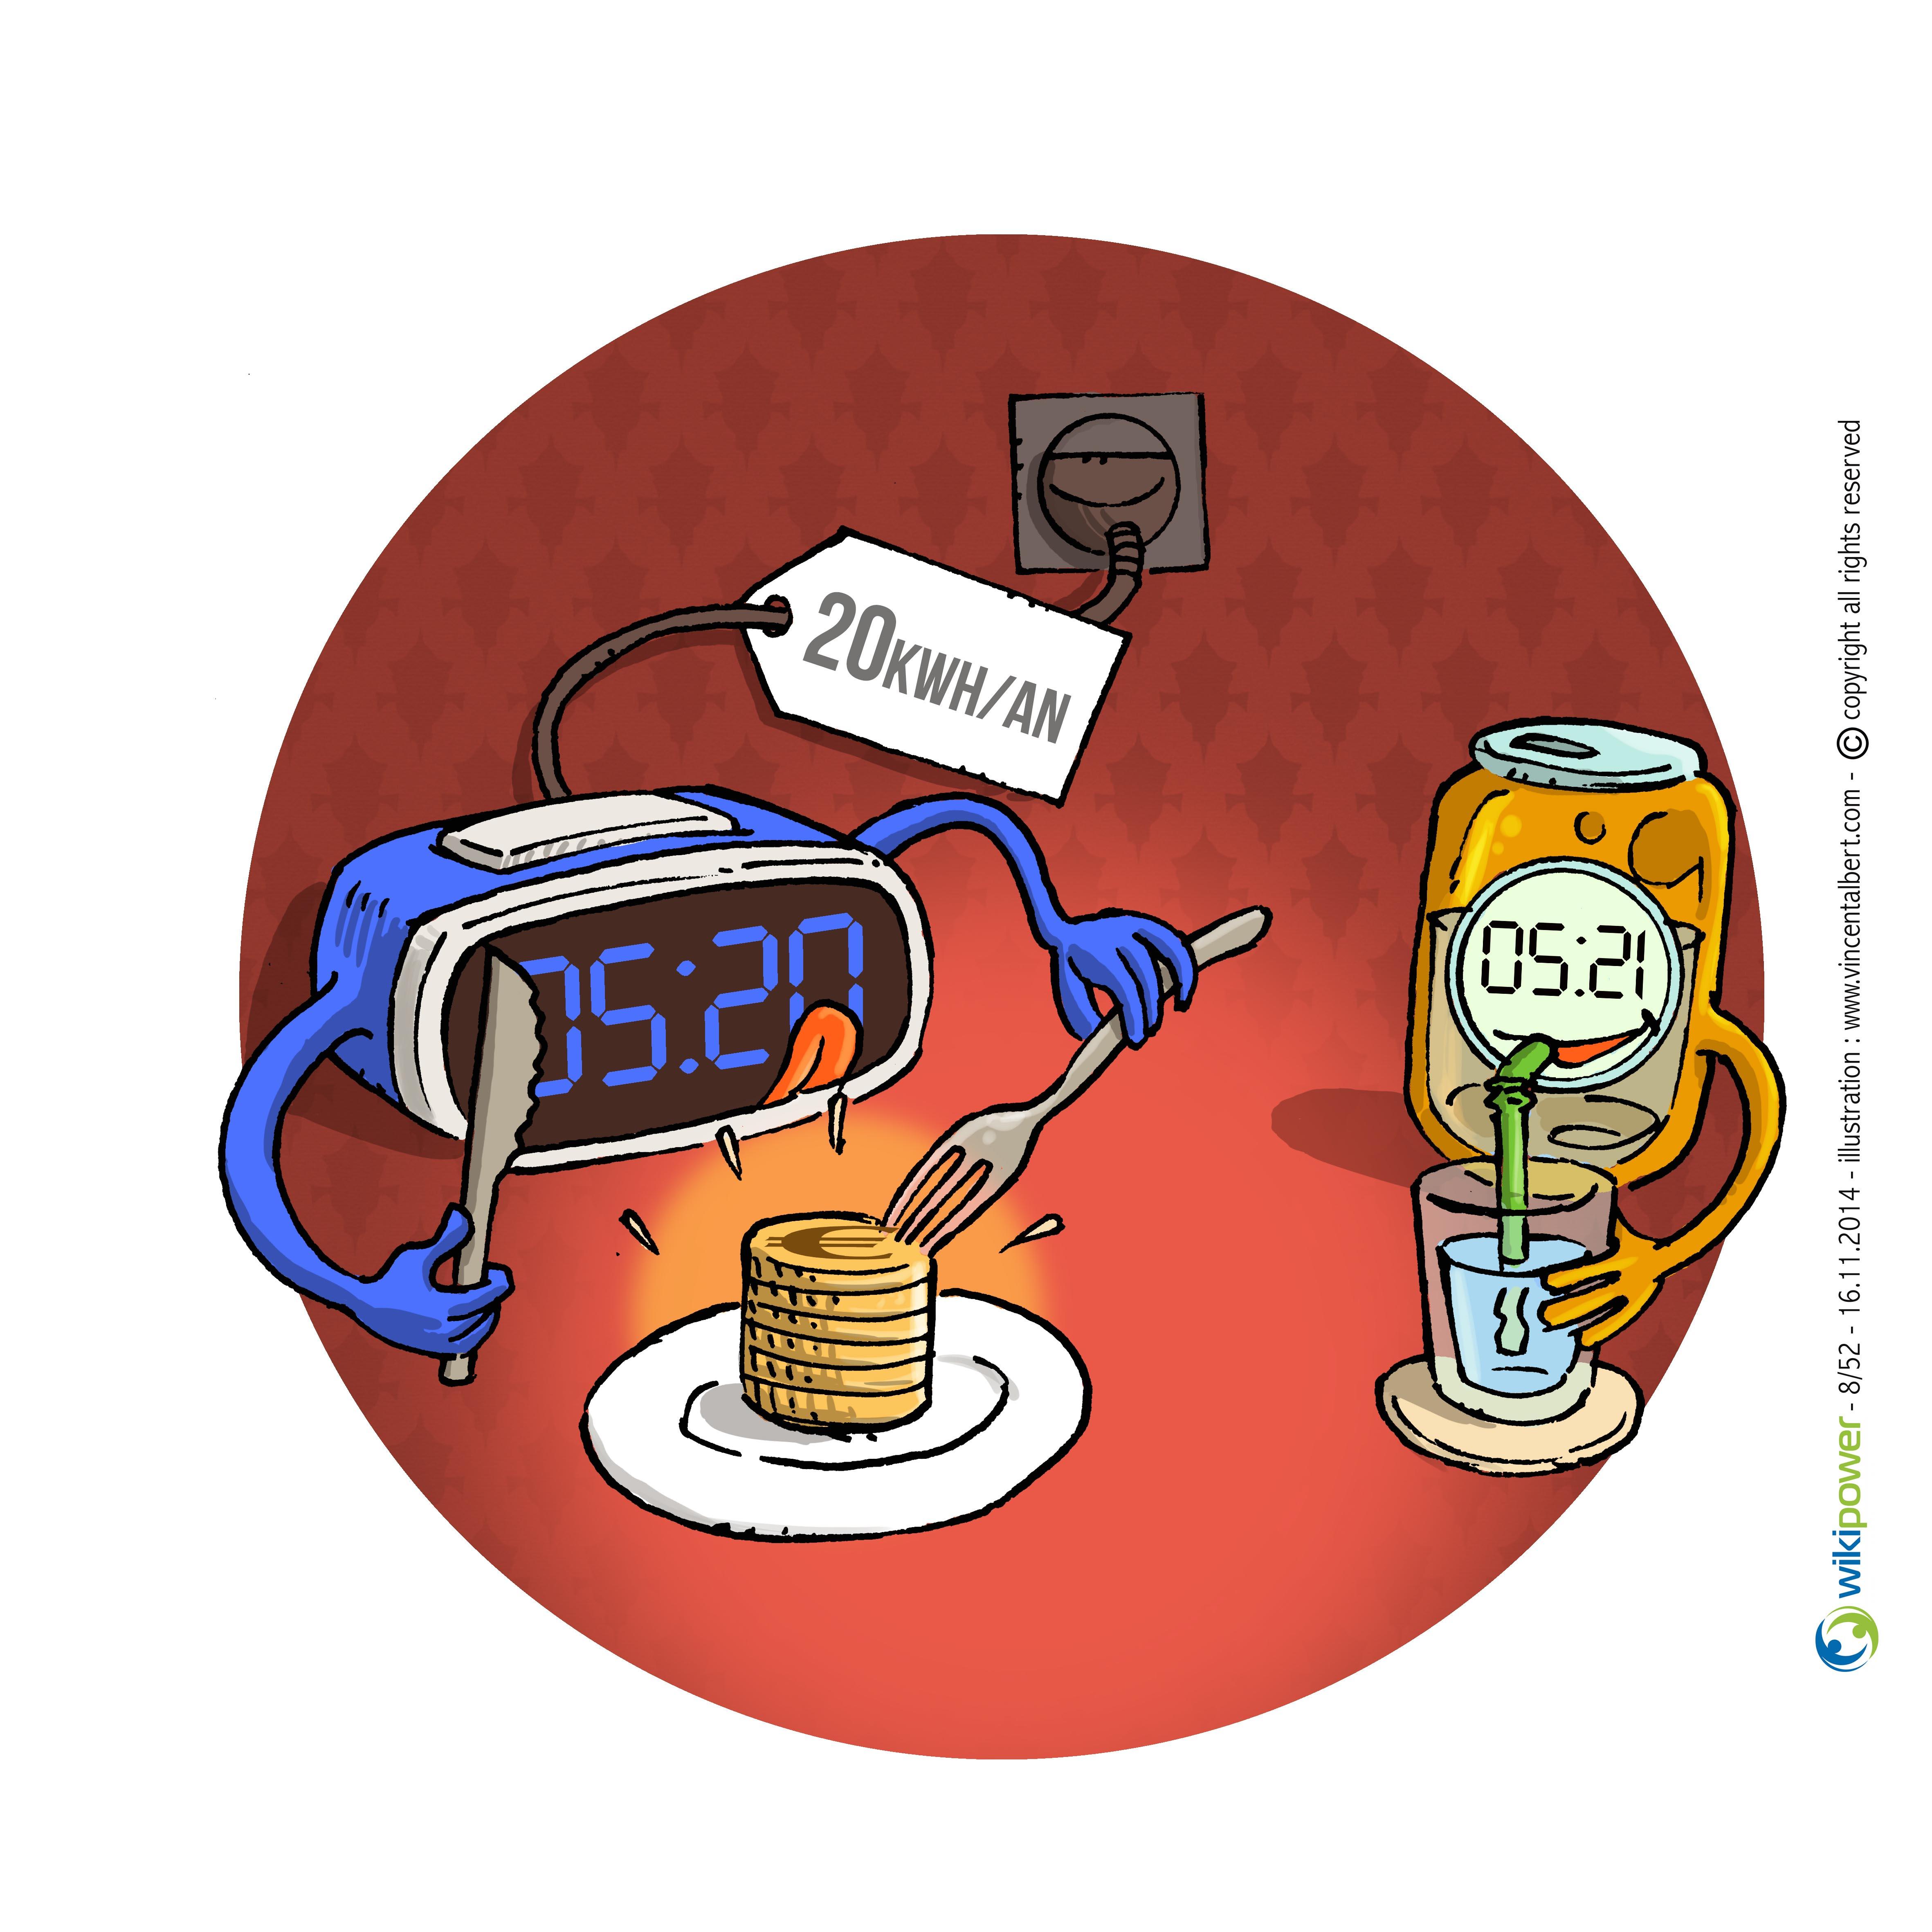 Conseil énergie dessin - évitez les horloges digitales